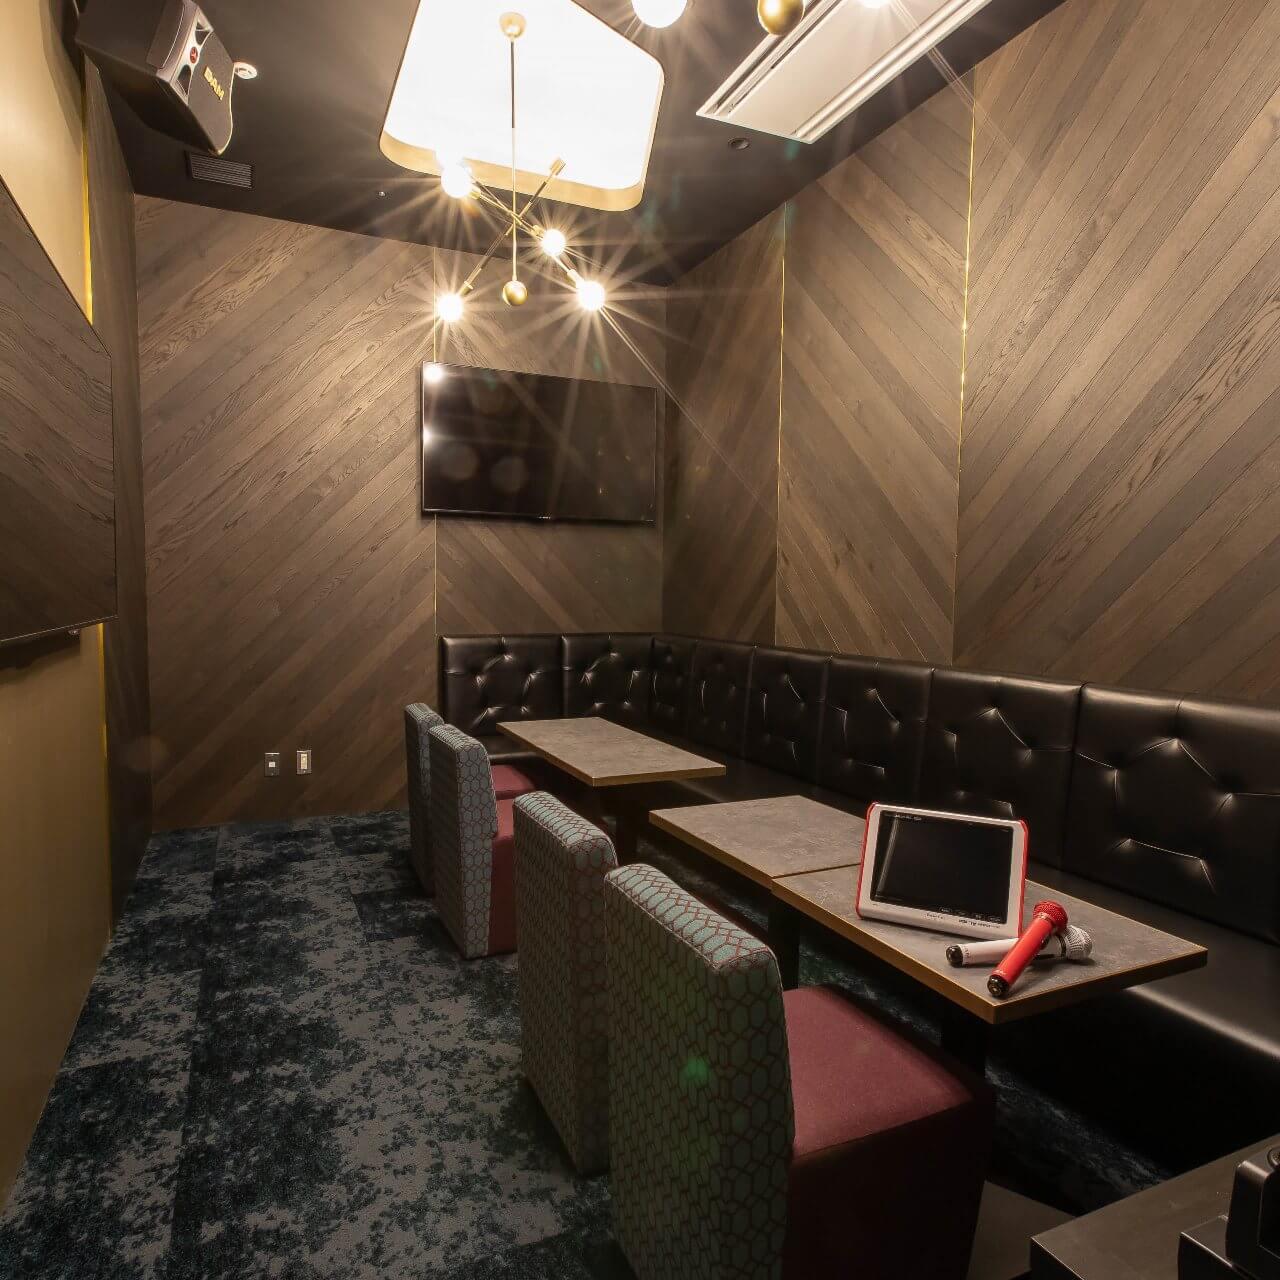 丸の内にある個室空間でダーツ・カラオケが楽しめるカラオケ施設【MARUNOUCHI BASE(丸の内ベース)】